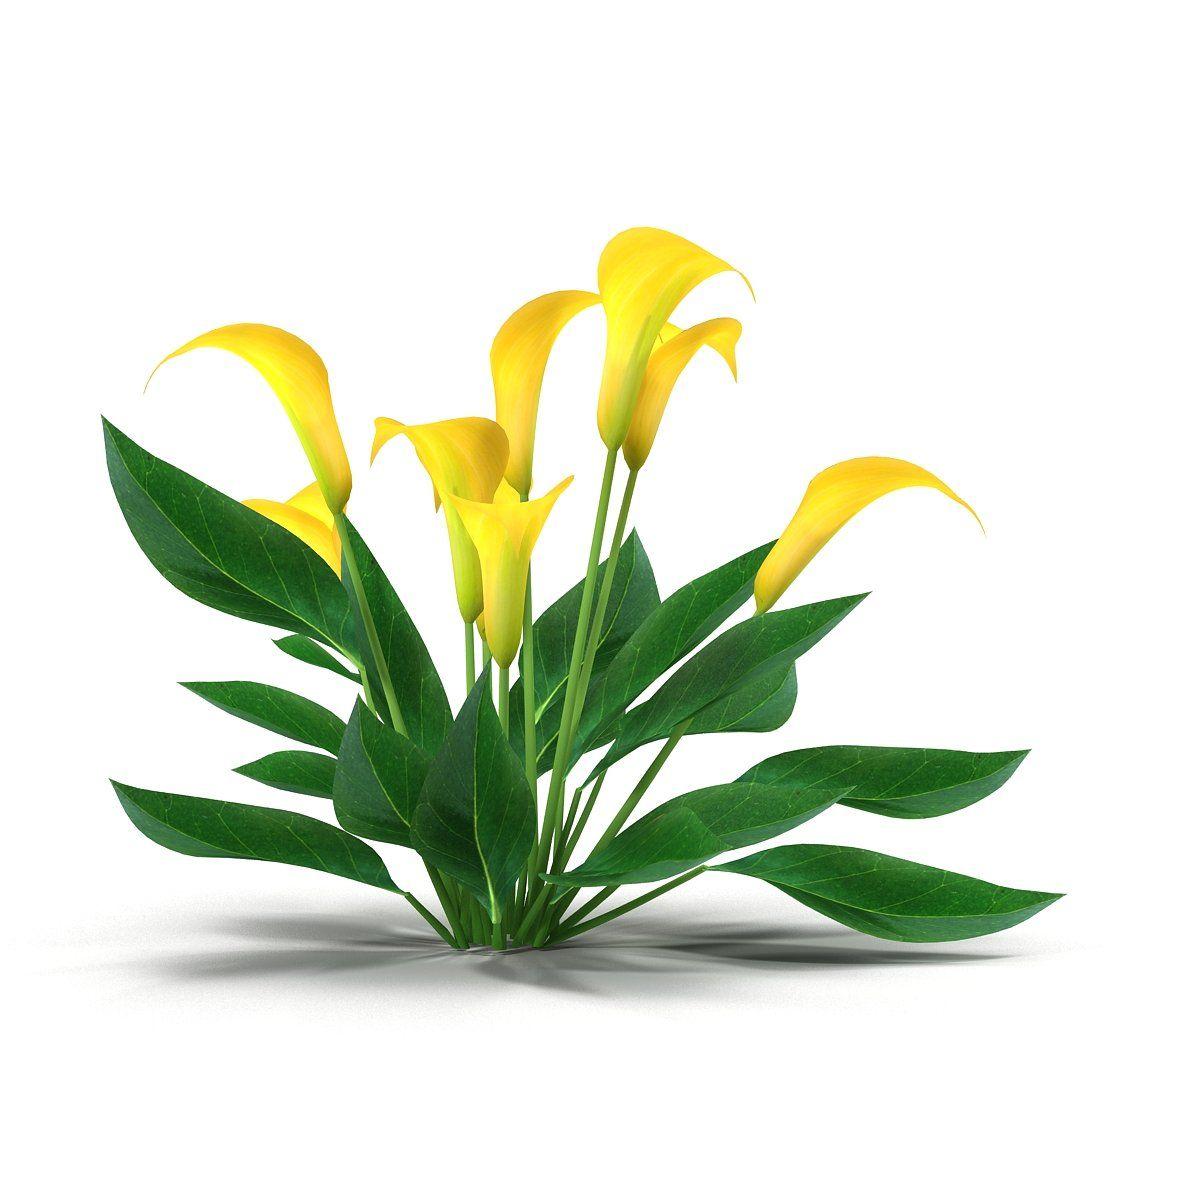 Calla lily yellow interiorvarietymakingtextures art design